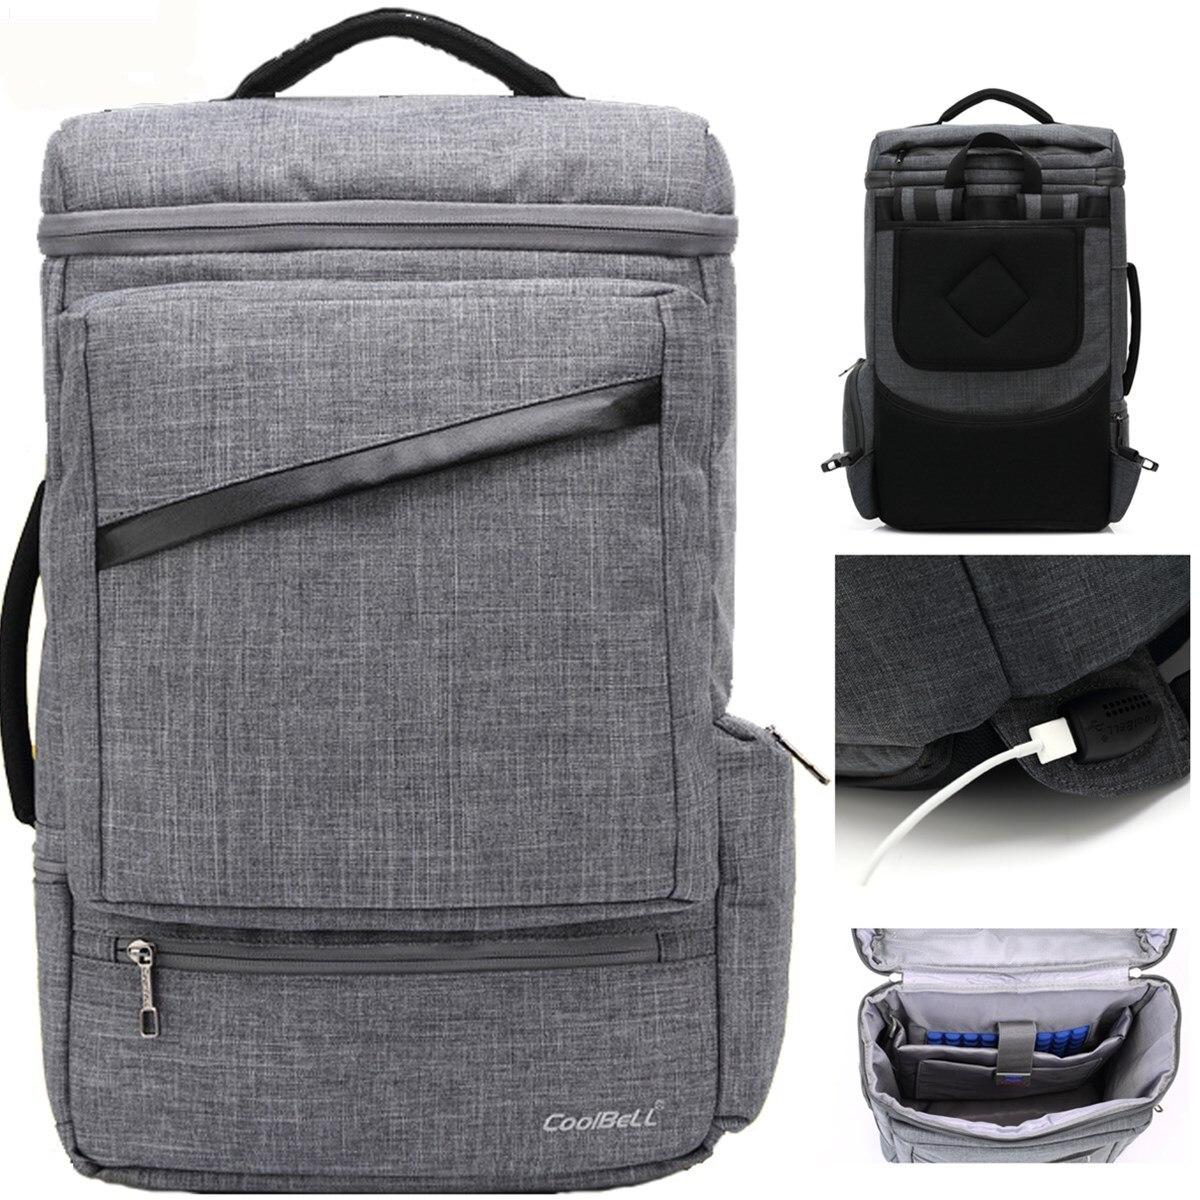 2018 nouveau sac à main USB charge 14 15 15.4 15.6 grande capacité voyage pochette d'ordinateur étui étanche couverture femmes hommes cahier sac à dos